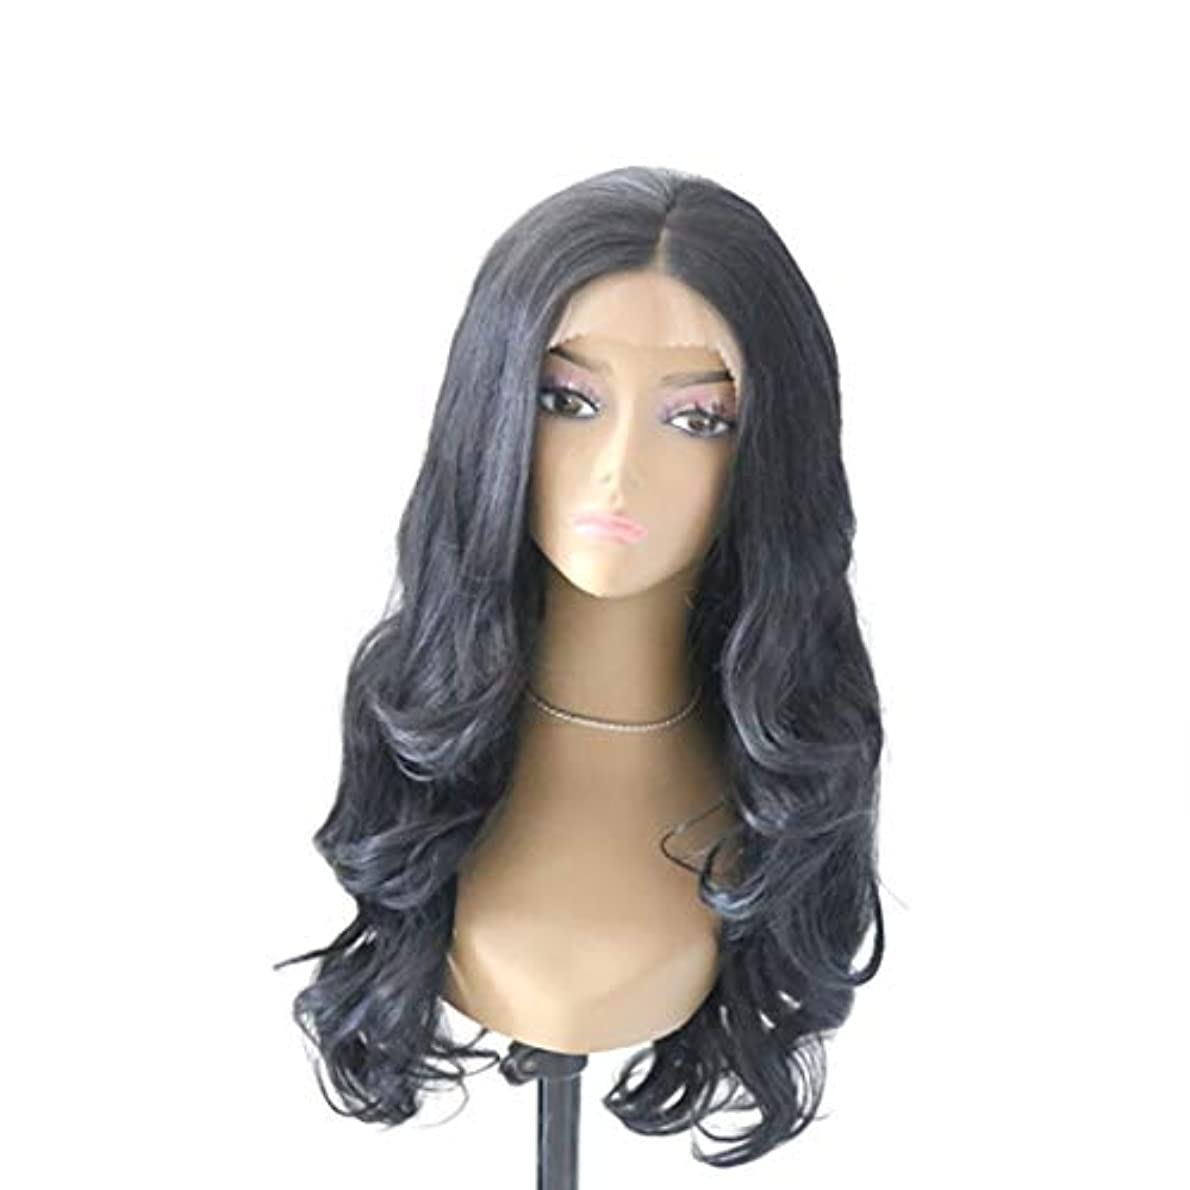 魔術師ナビゲーション牽引Kerwinner 黒かつら女性のための大きな波状の巻き毛のフロントレース化学繊維かつら